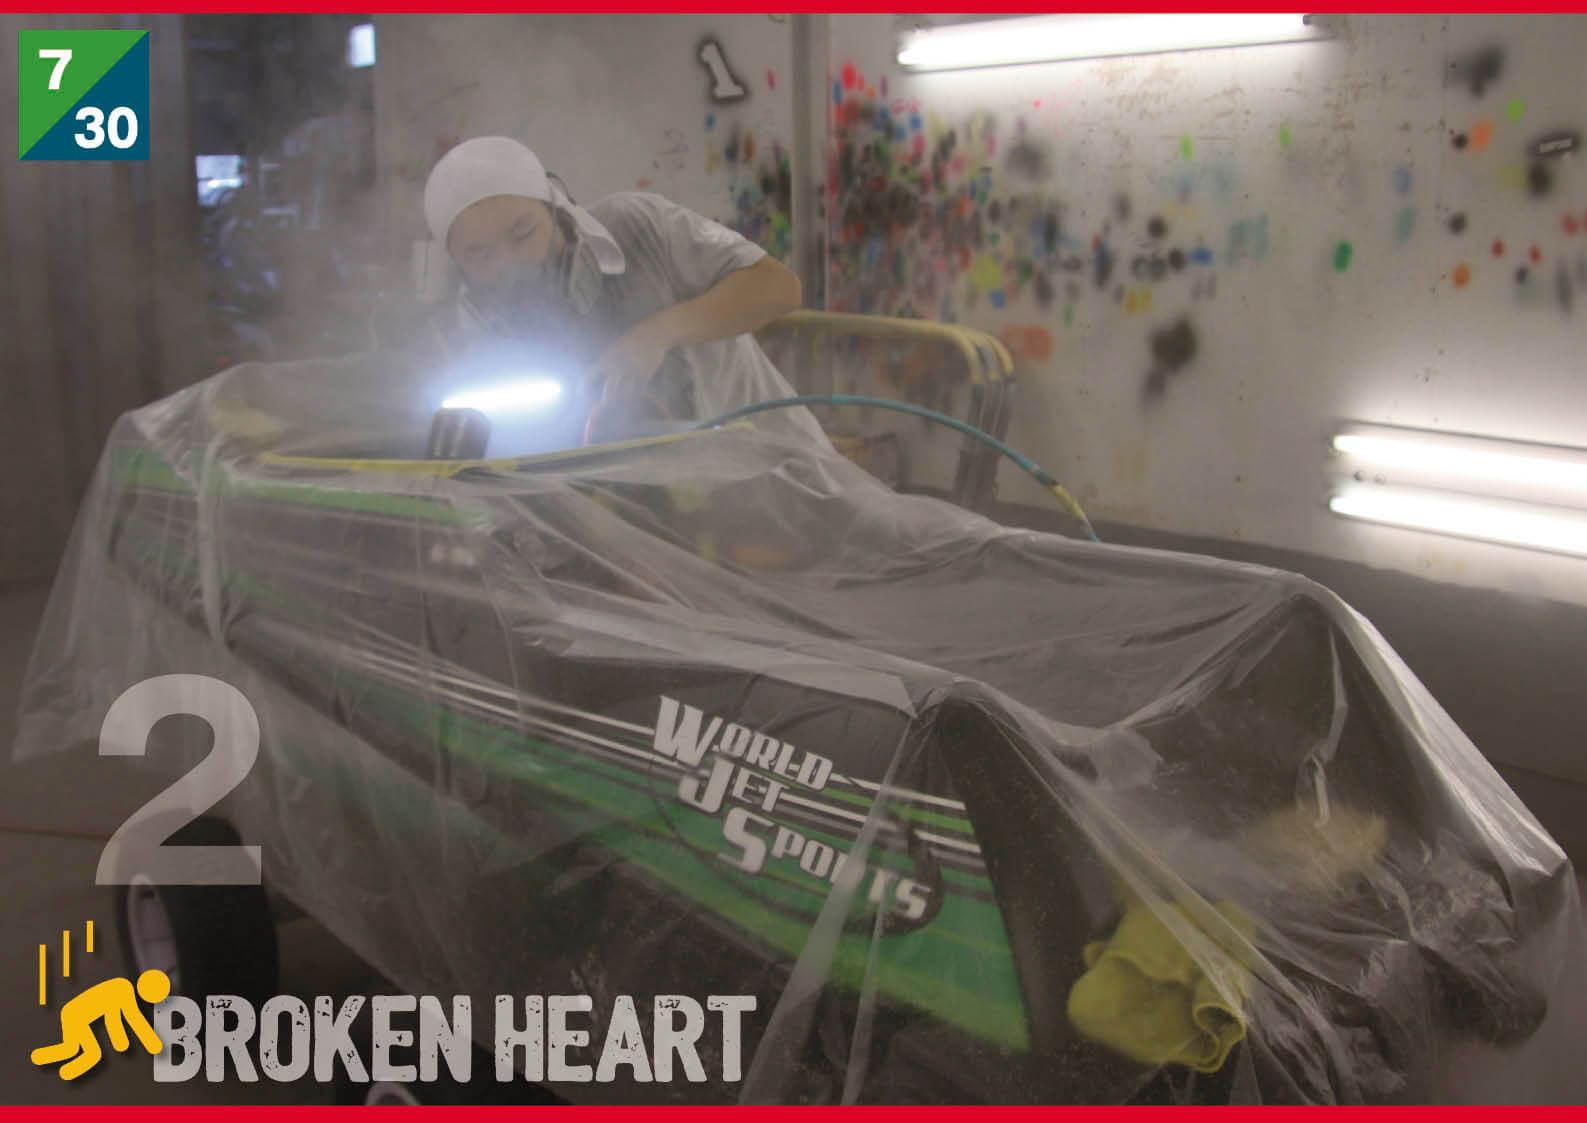 初めての船体修理  2 「エンジンルームの塗装」 ジェットスキー(水上バイク)